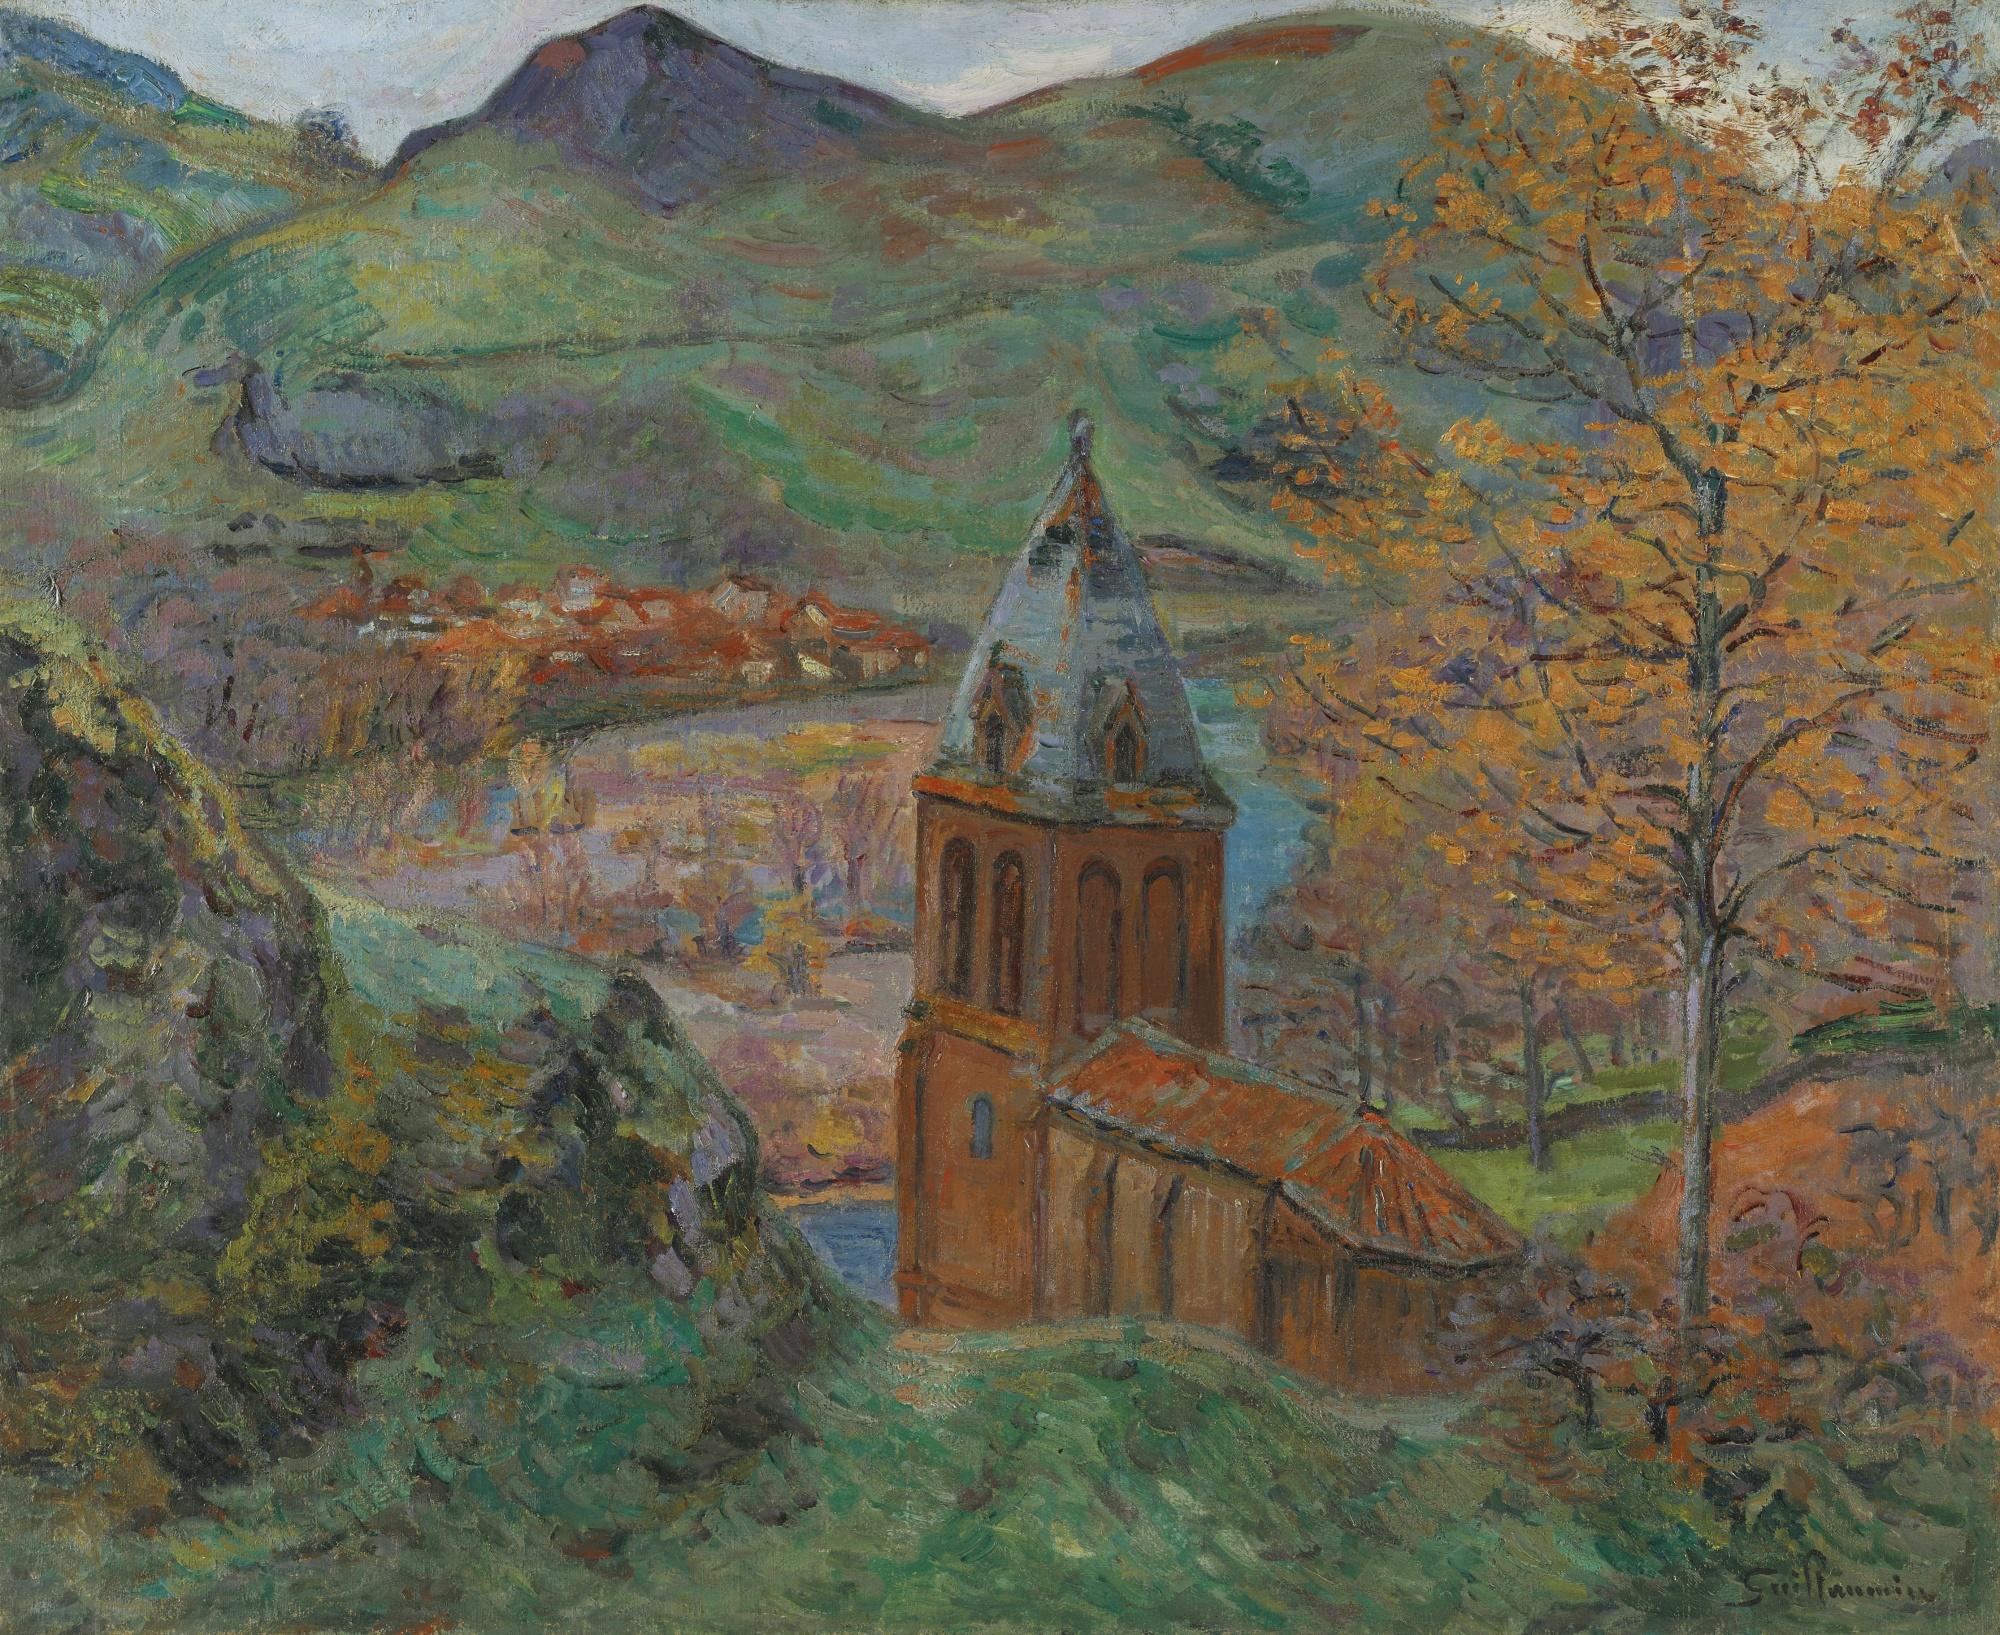 Jean-Baptiste Armand Guillaumin-Eglise De Saint Julien Des Chazes, Allier-1895